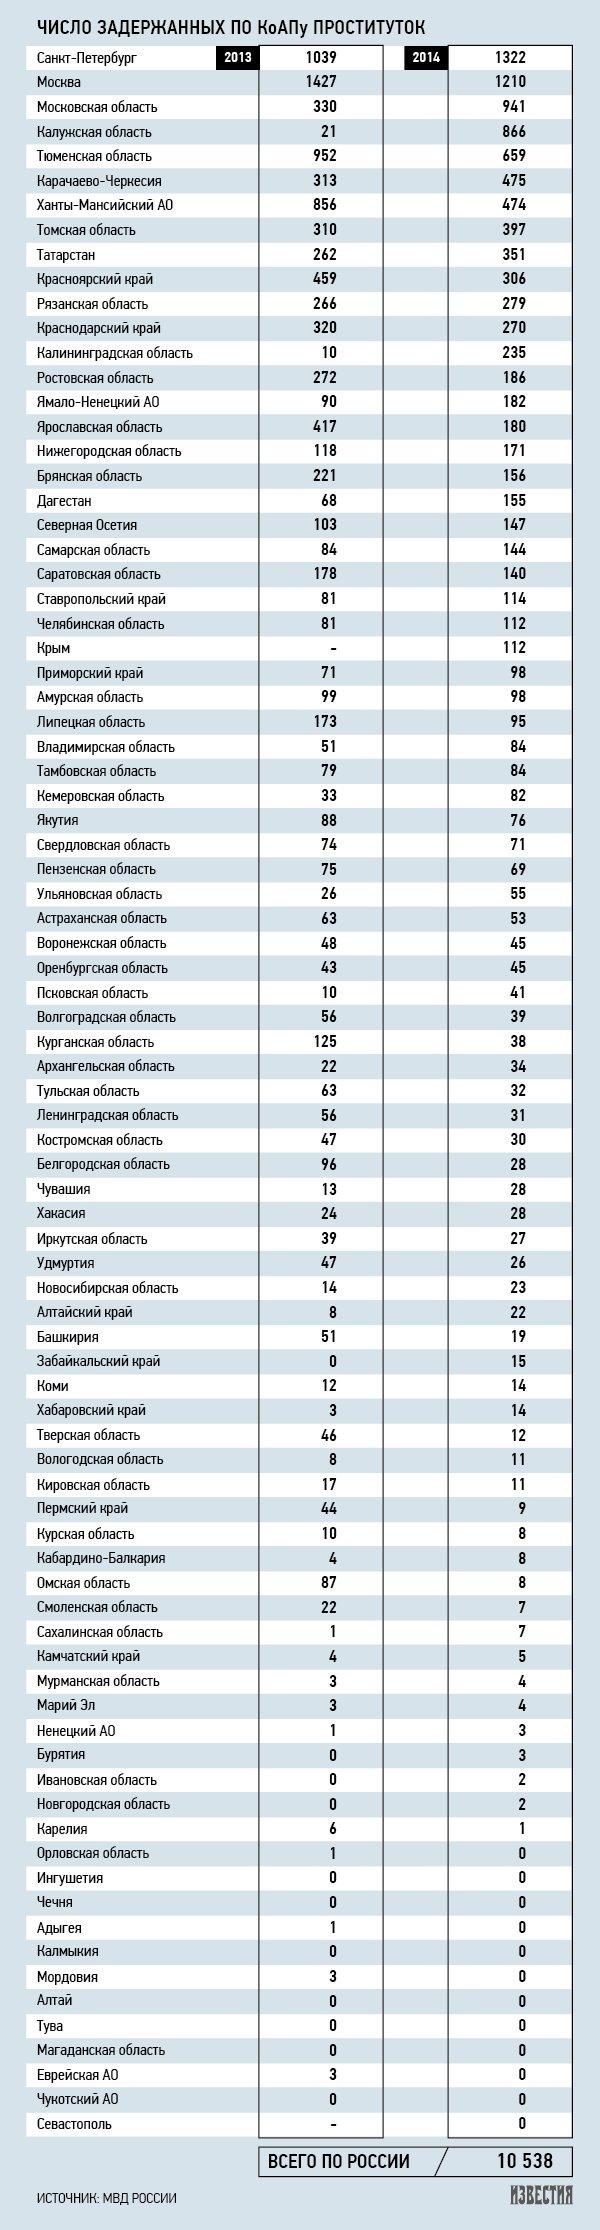 Проституция в москве статистика, если вагина не очень пахнет